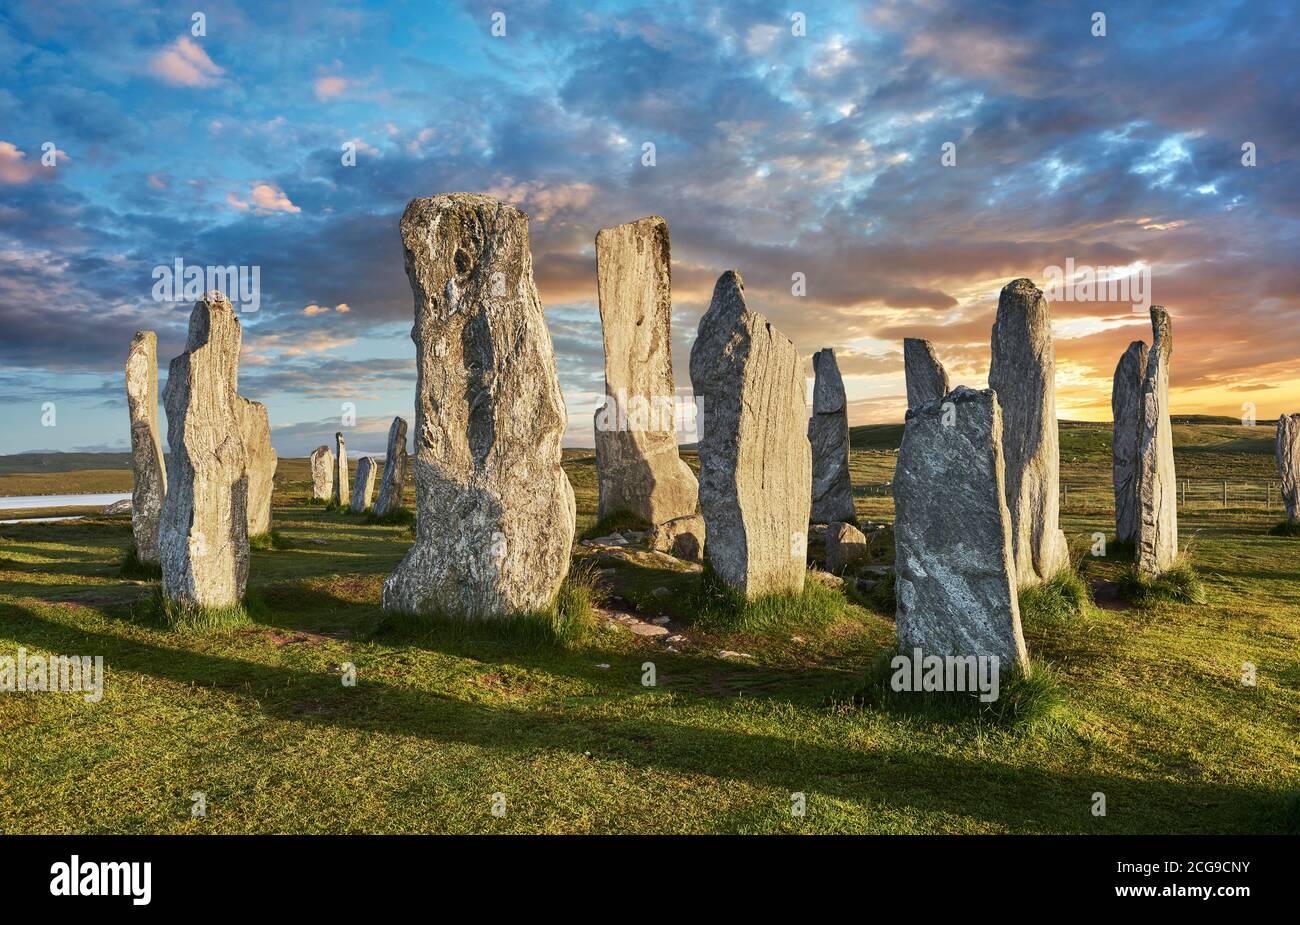 Standing Stones Calanais círculo central de piedra, al atardecer, erigida entre 2900-2600BC mide 11 metros de ancho. En el centro del anillo se encuentra un abrazo Foto de stock